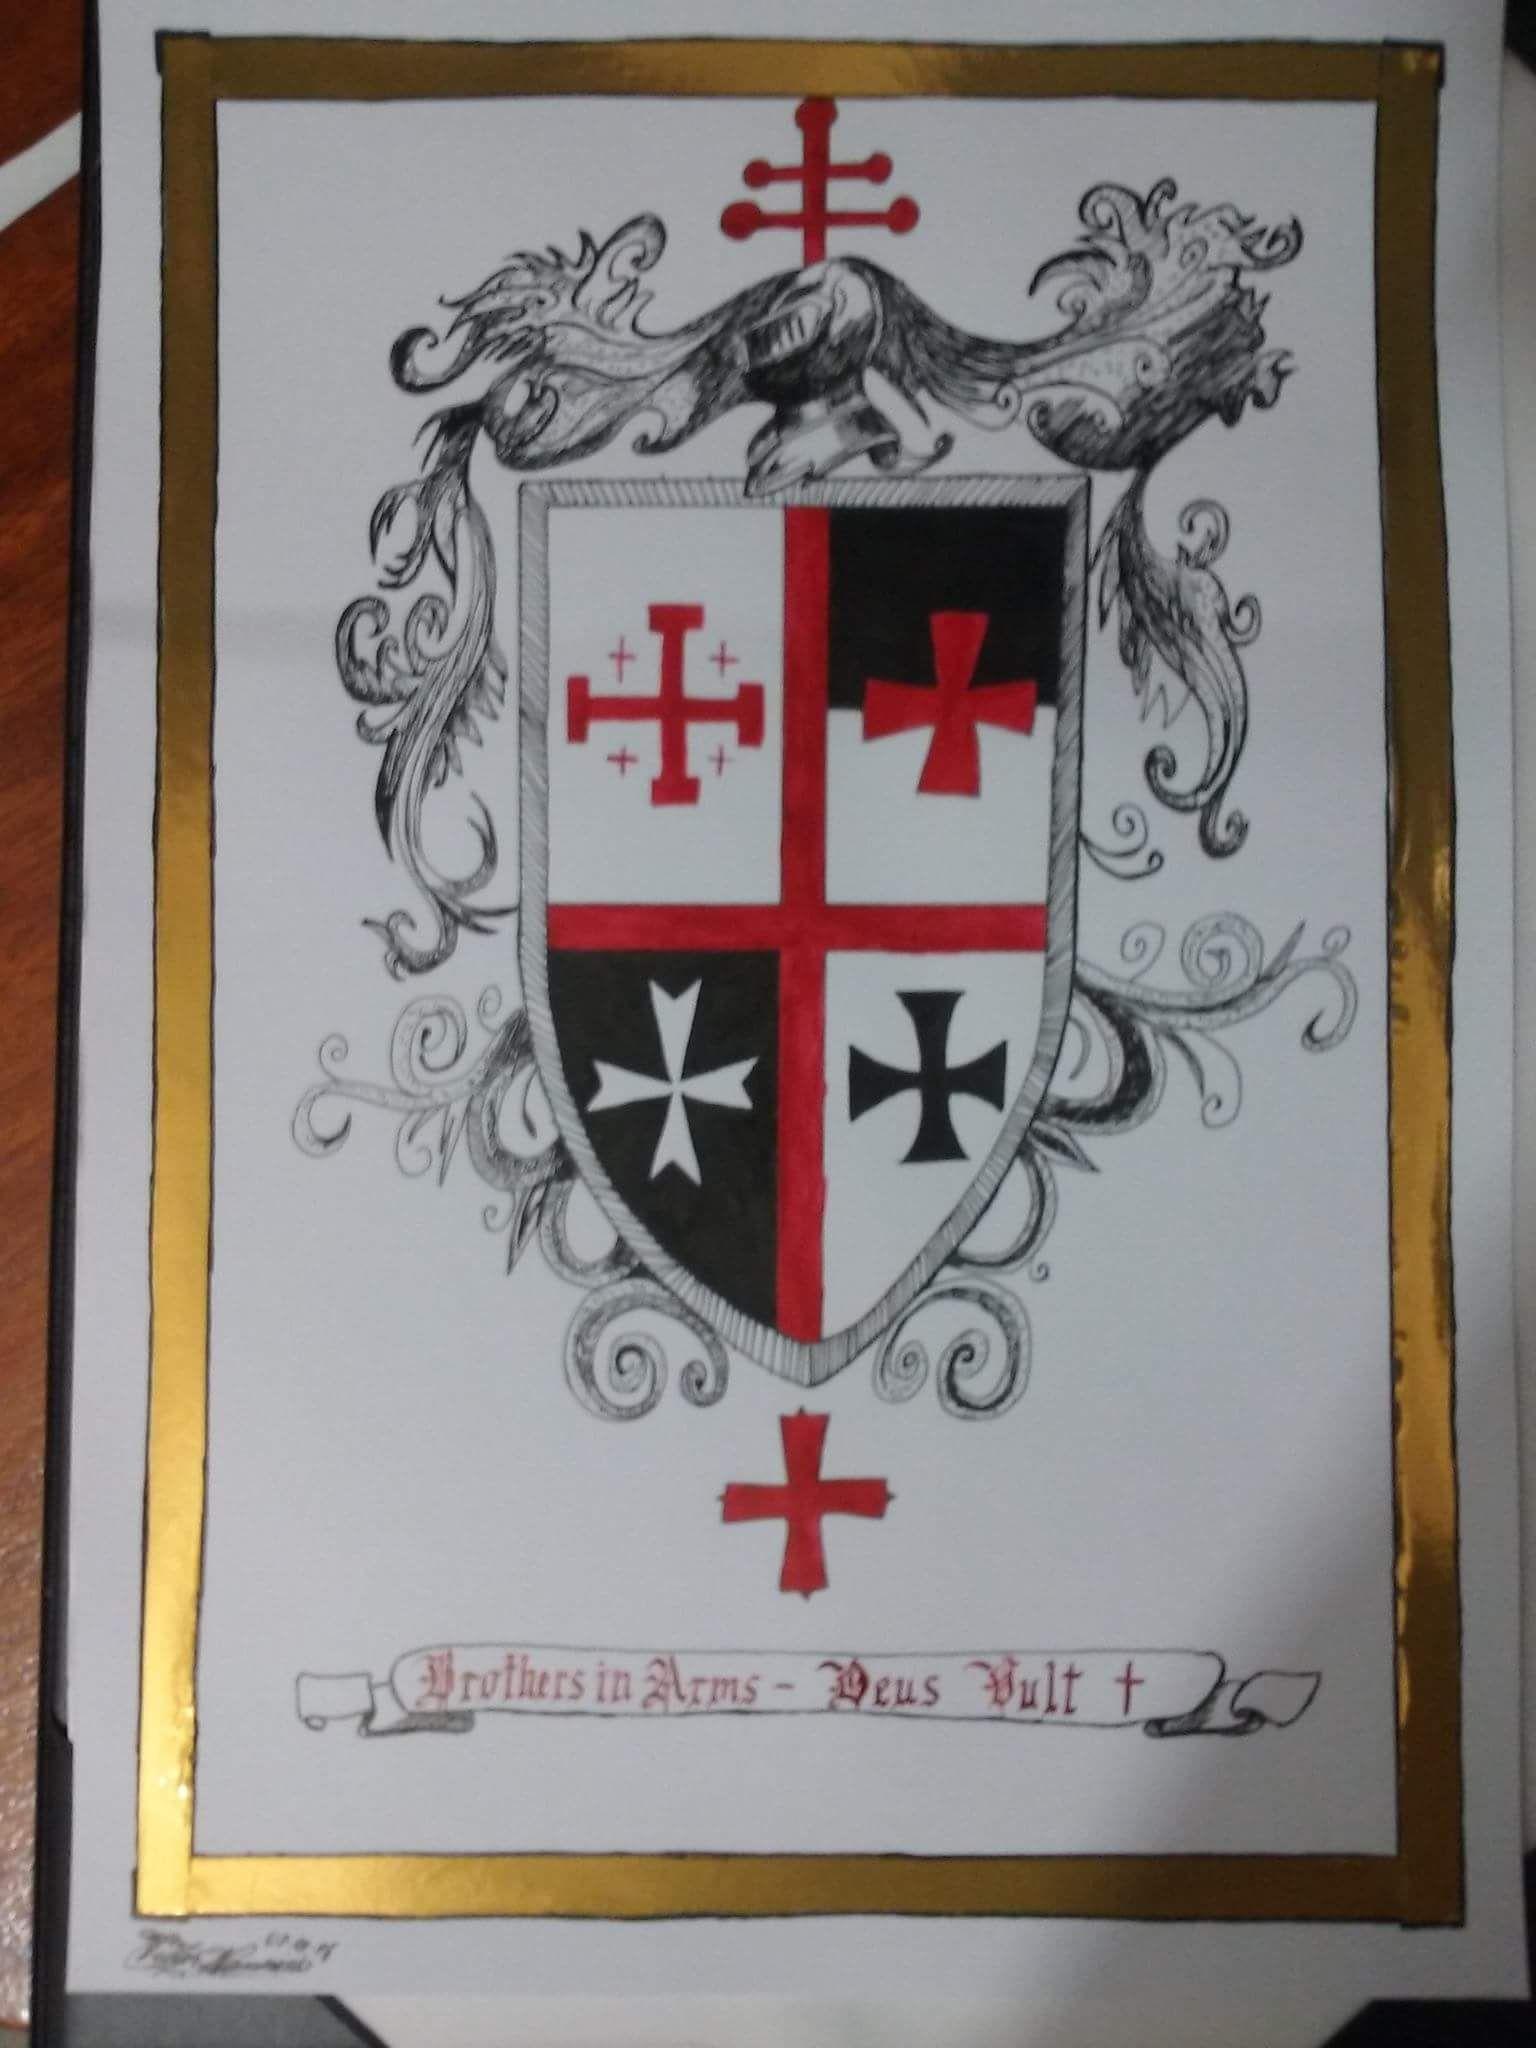 Holy orders Coat of arms - Brasão de ordens Sacras